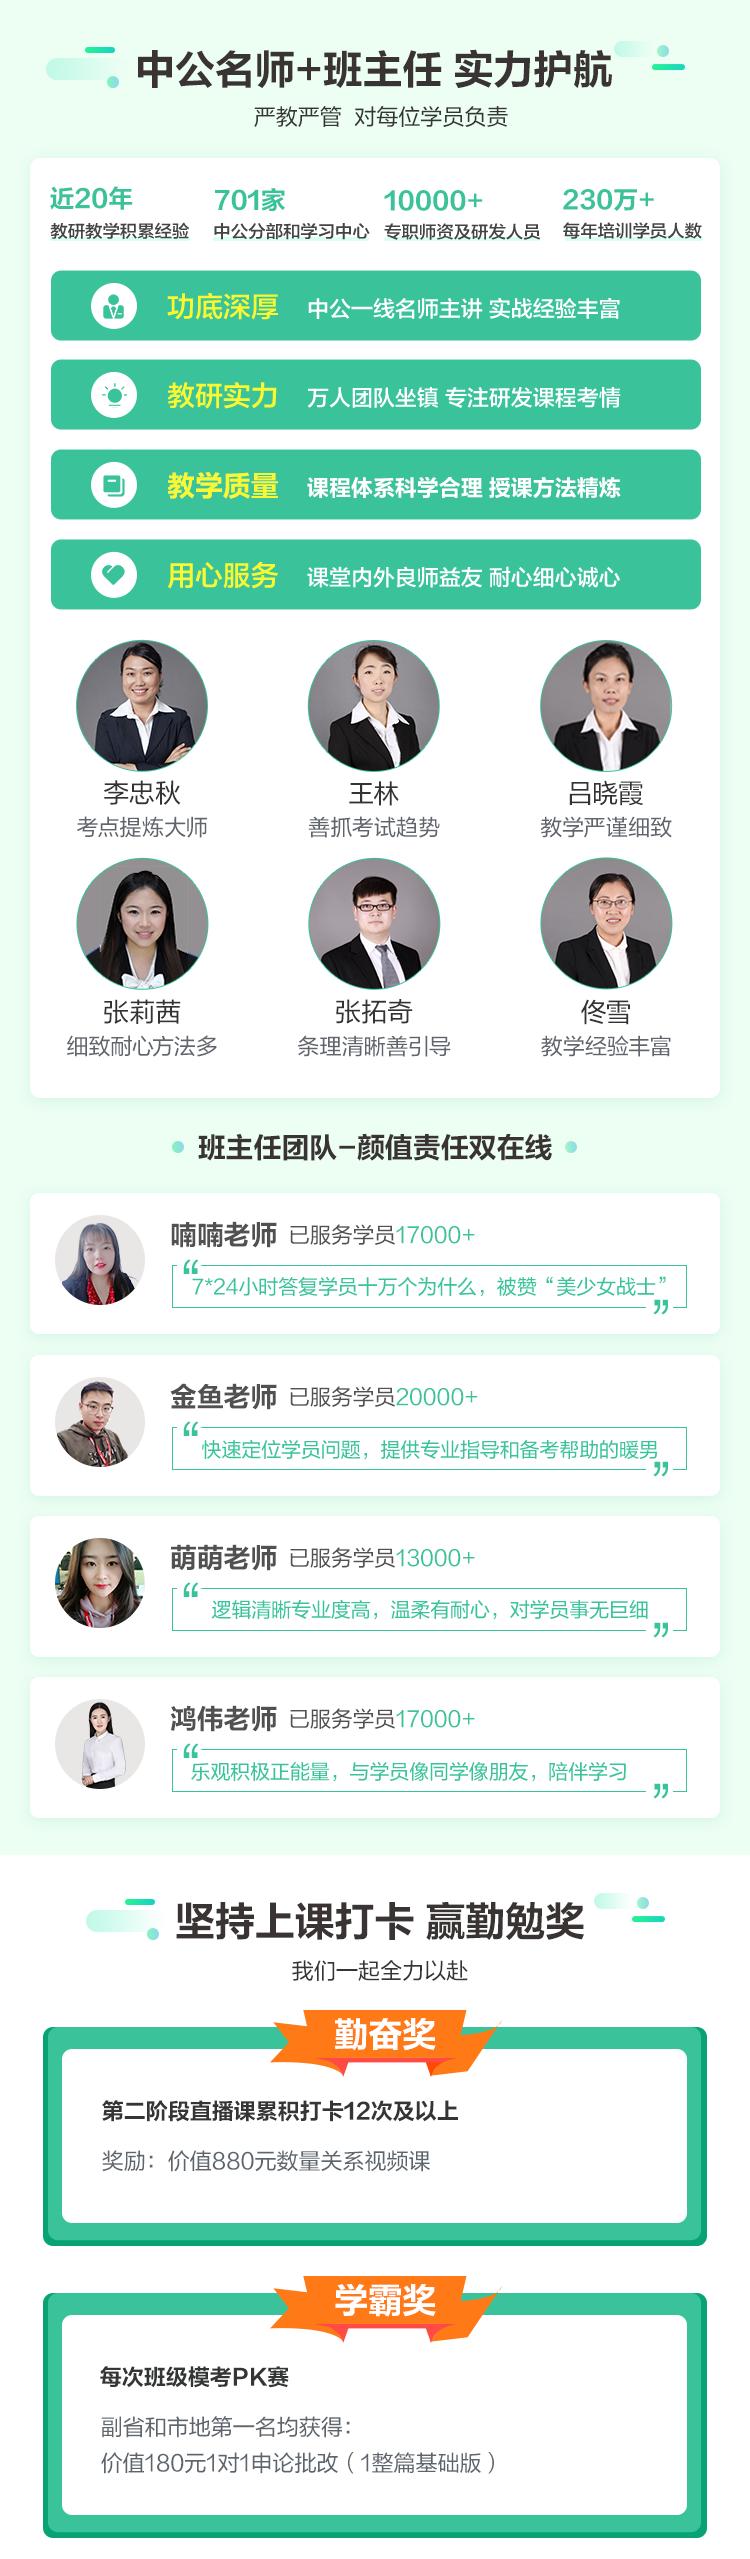 国考智胜班课详页-网校位置_03.png